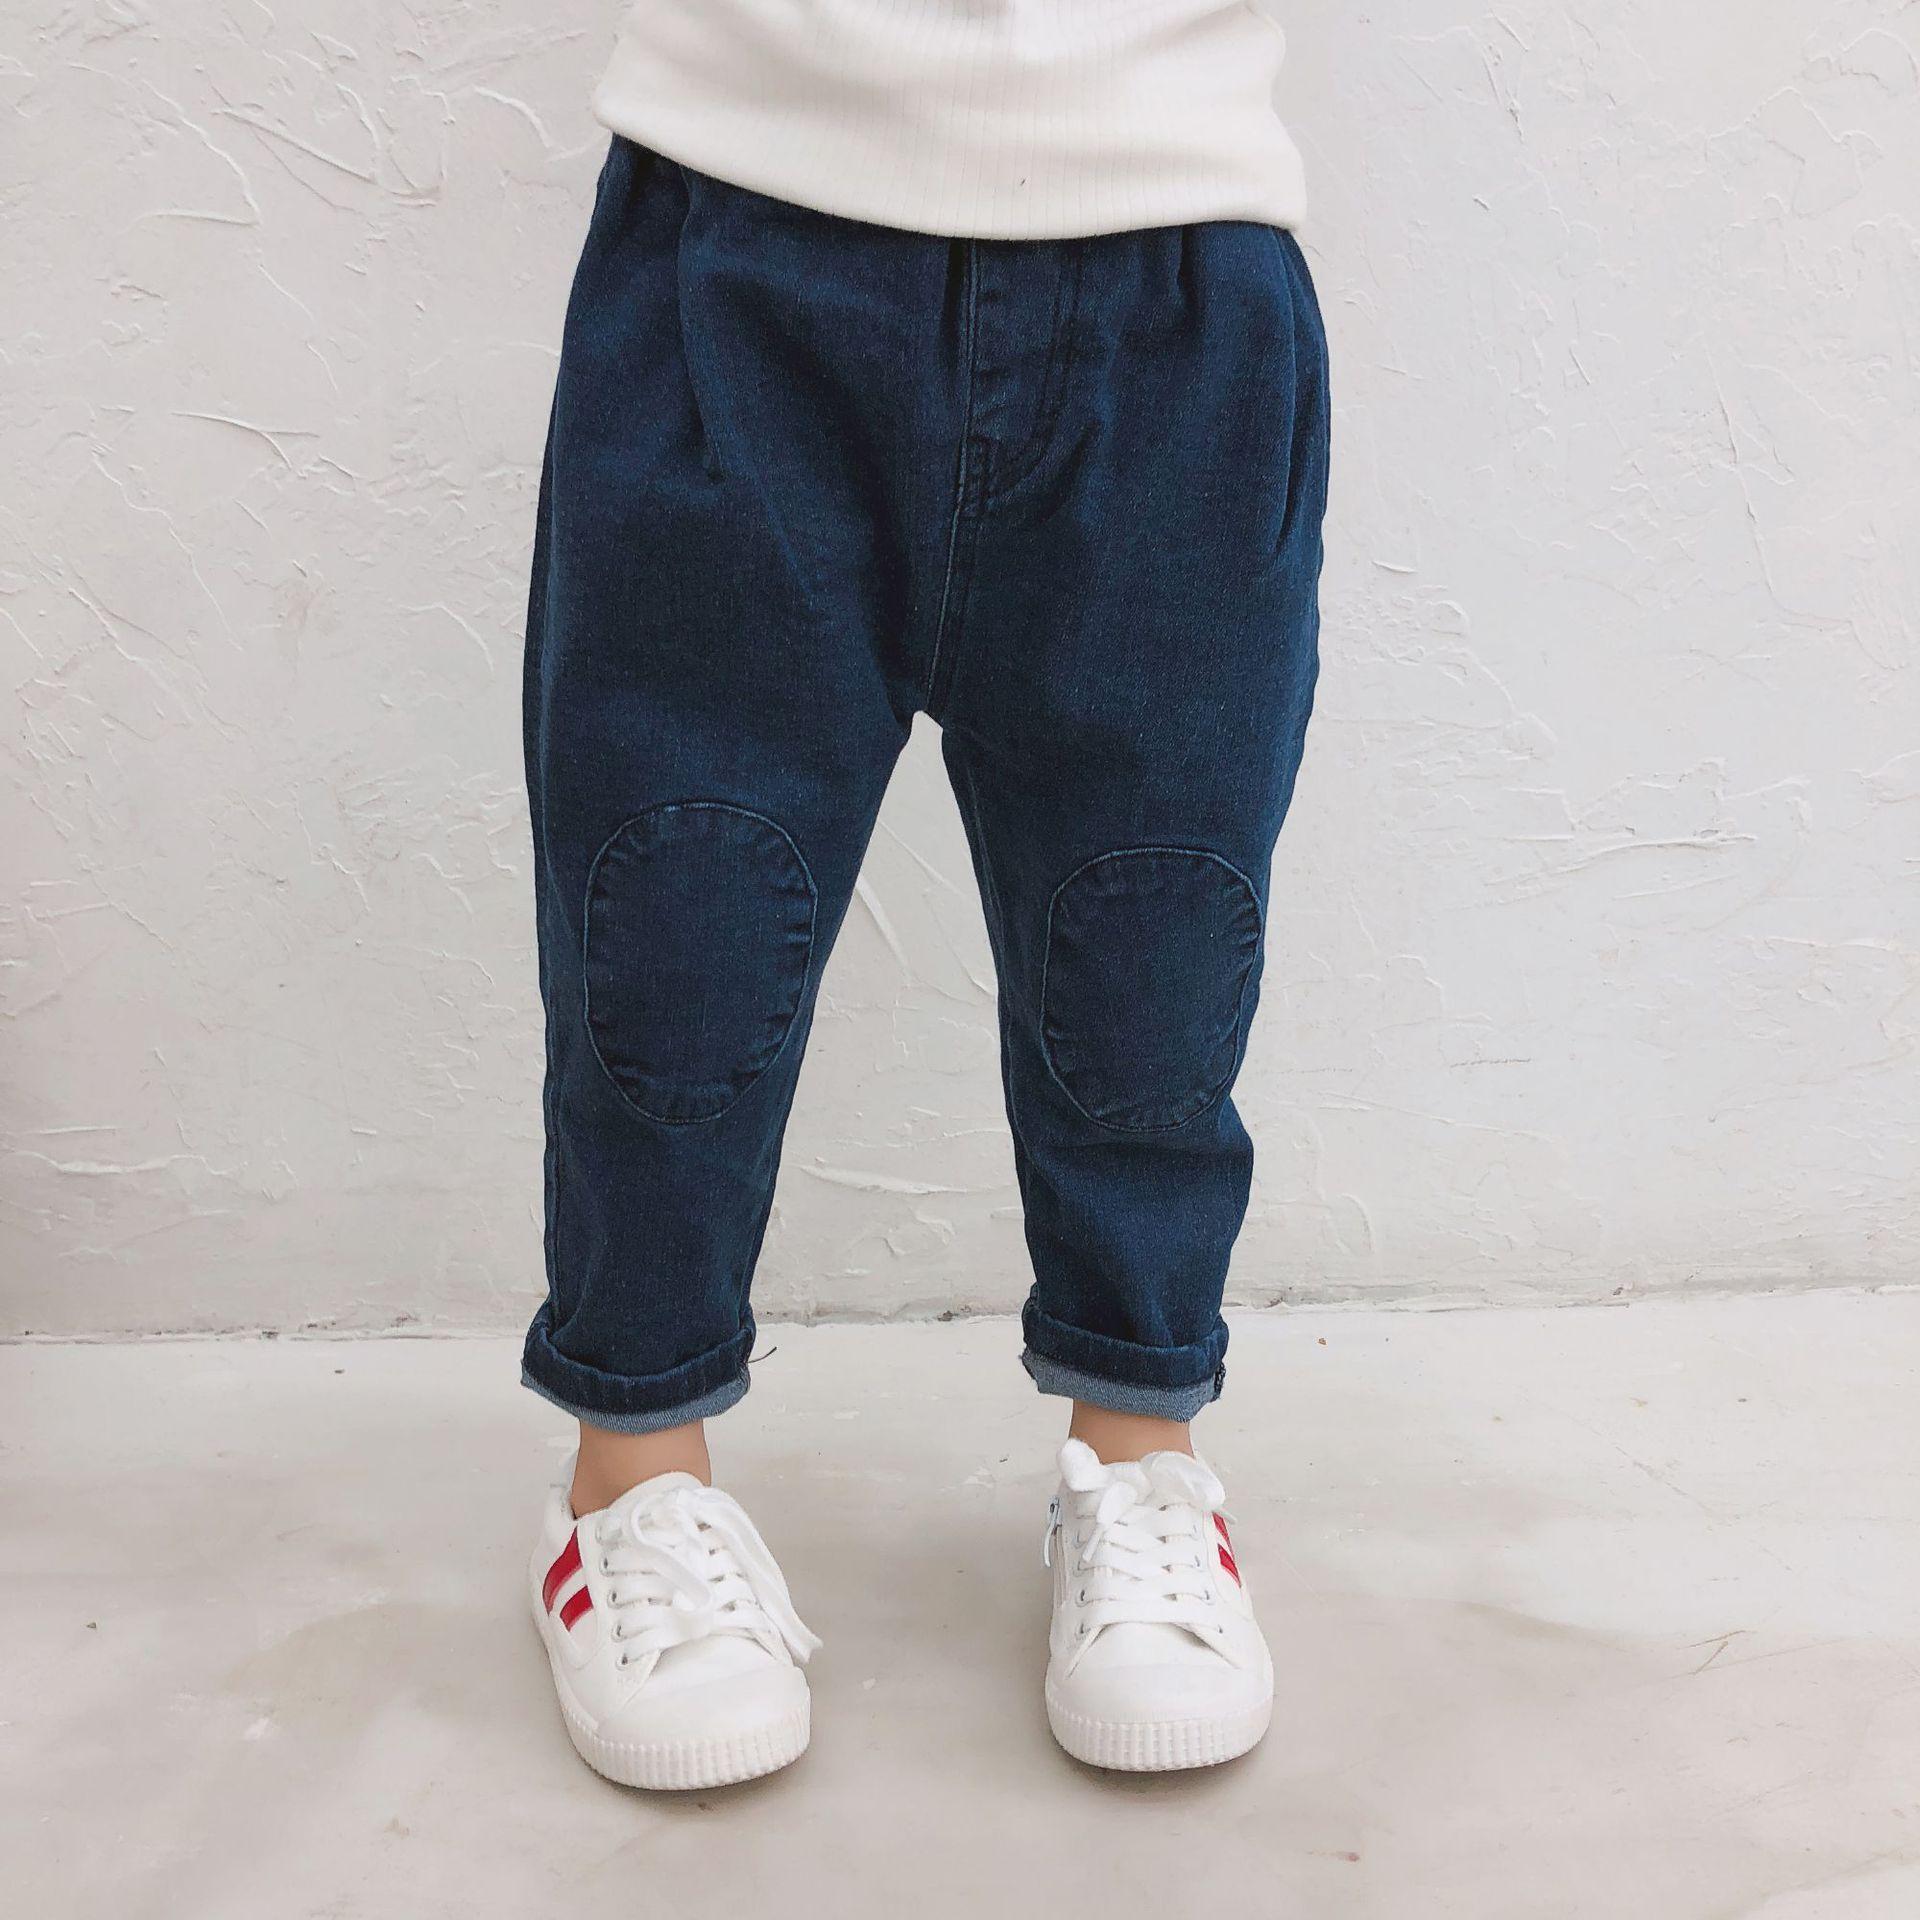 2019 Primavera New Arrival estilo coreano puro algodão cor all-jogo calças jeans para meninas de moda doce do bebê e meninos